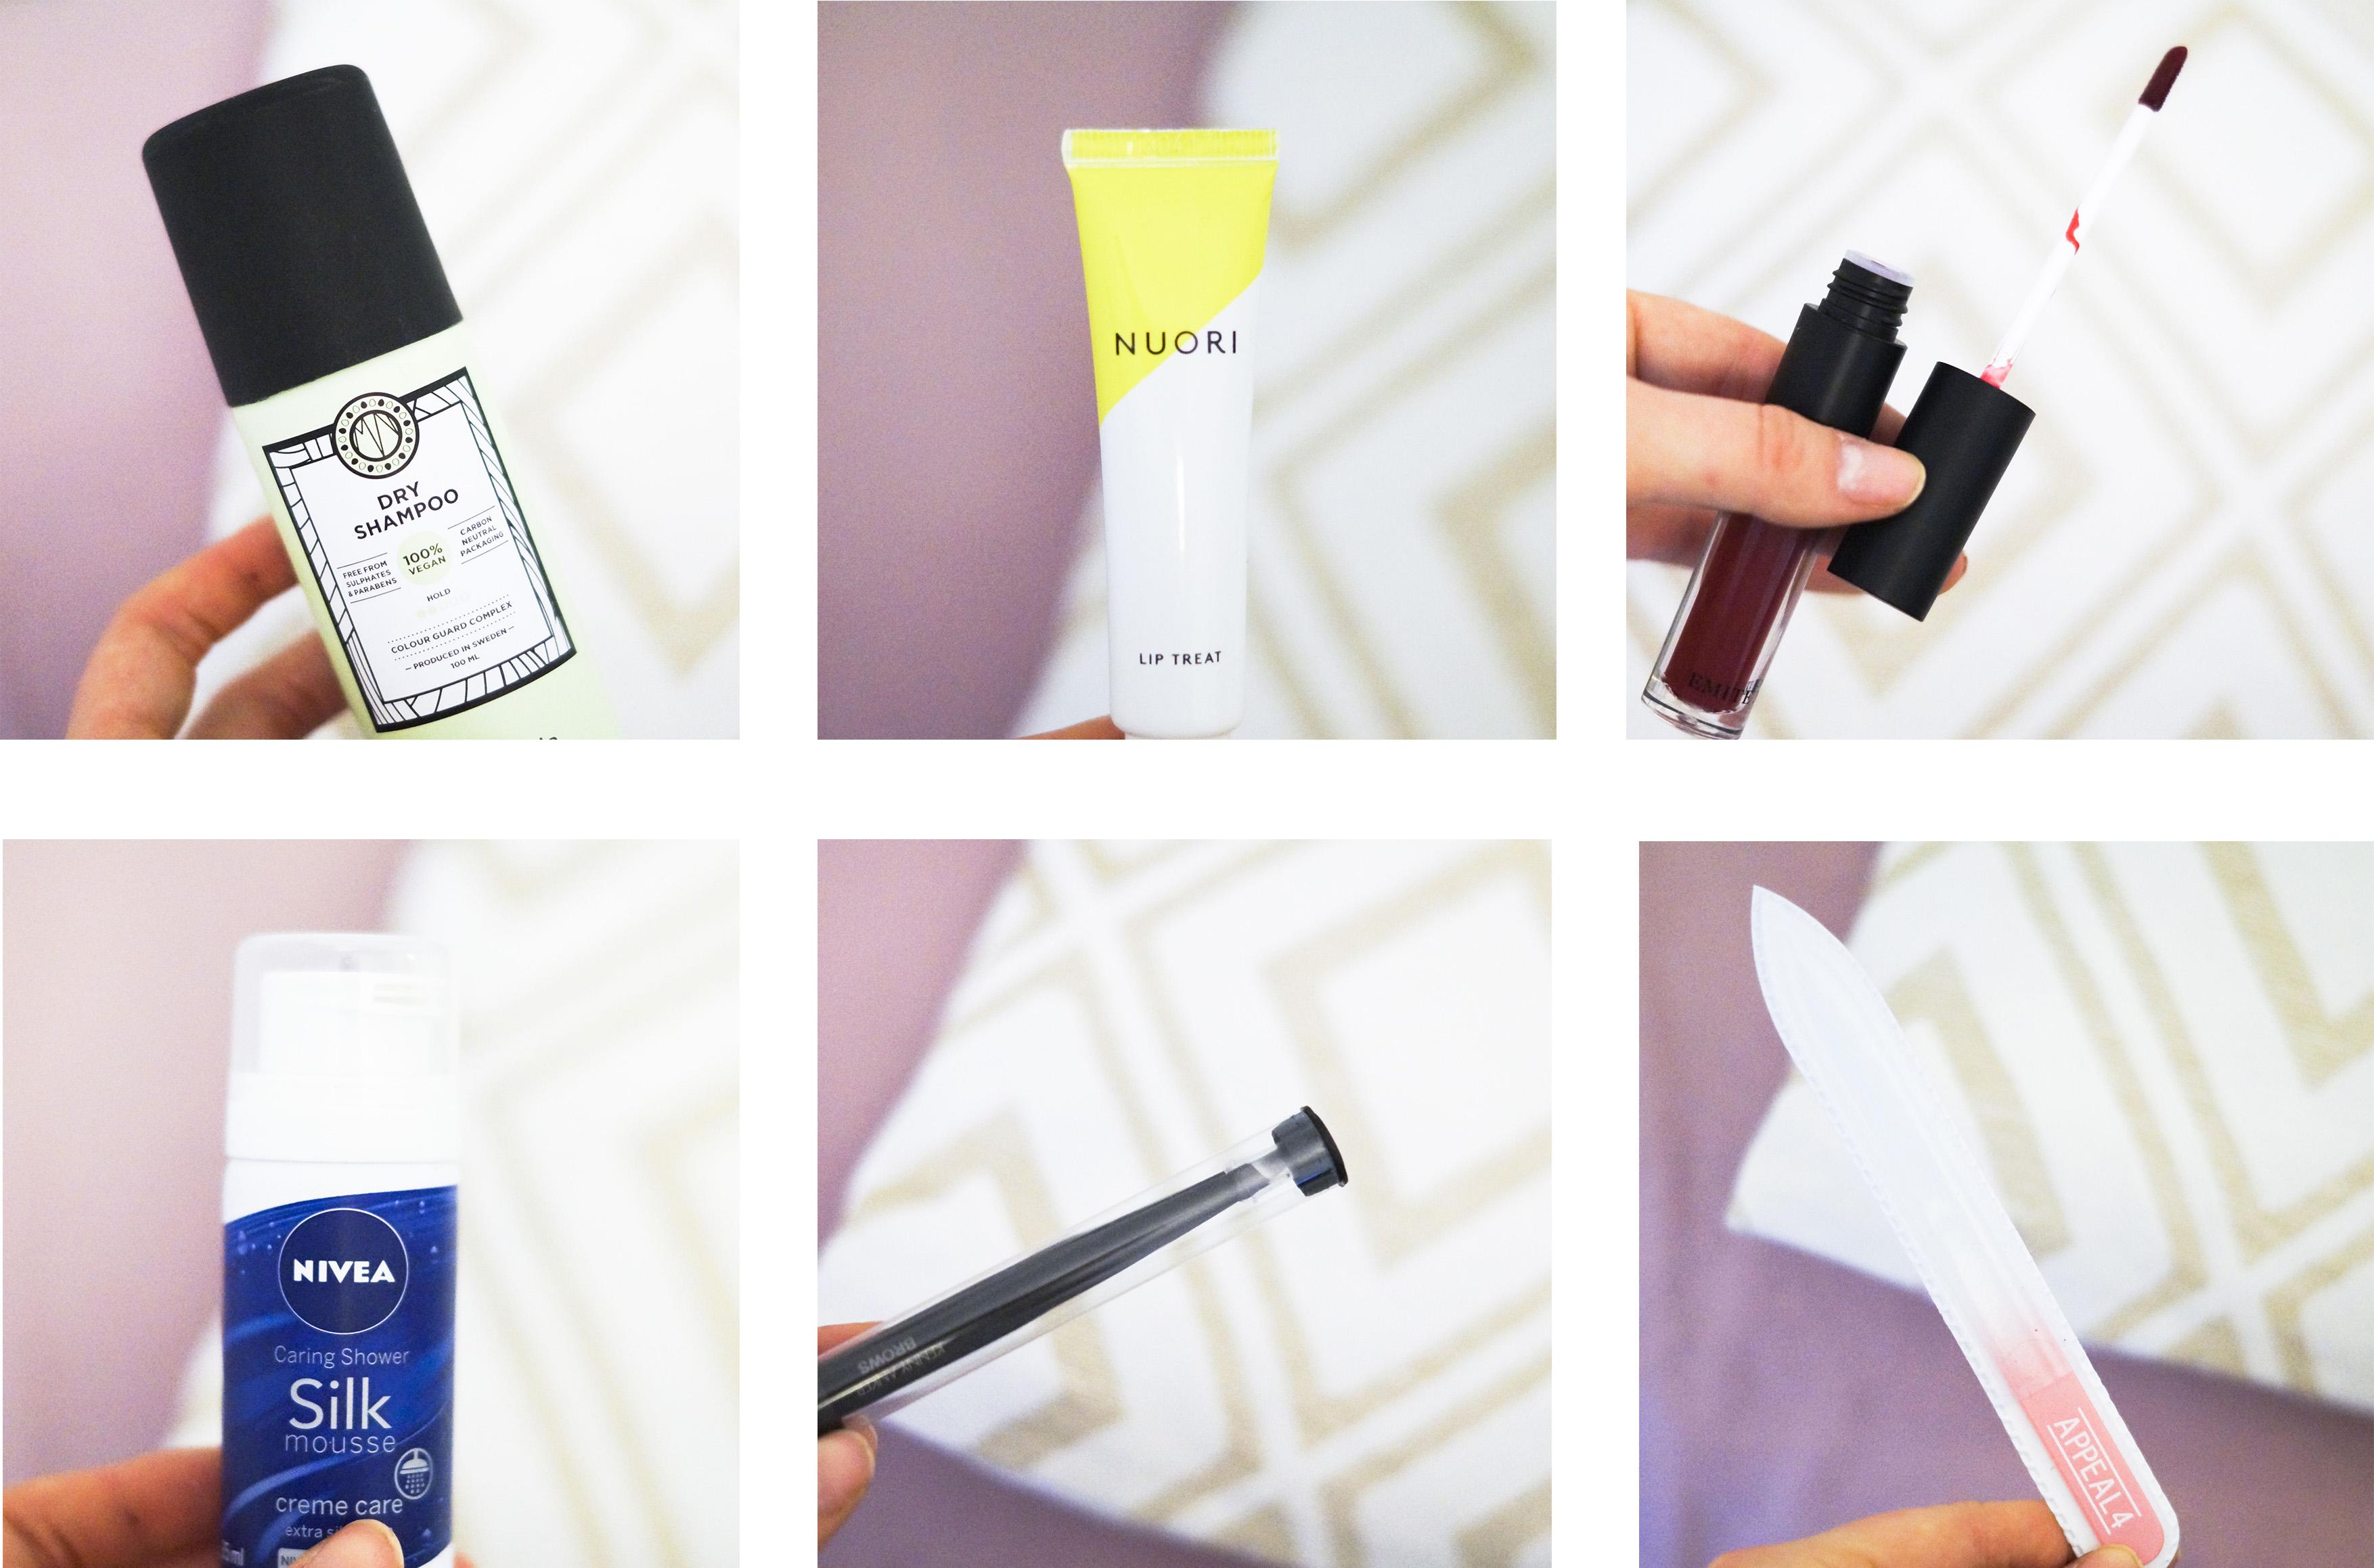 goodiebox, goodiebox danmark, skønhed, skønhedsblog, makeupblog, bblogger, bbloggers, beauty blog, dansk beauty blog